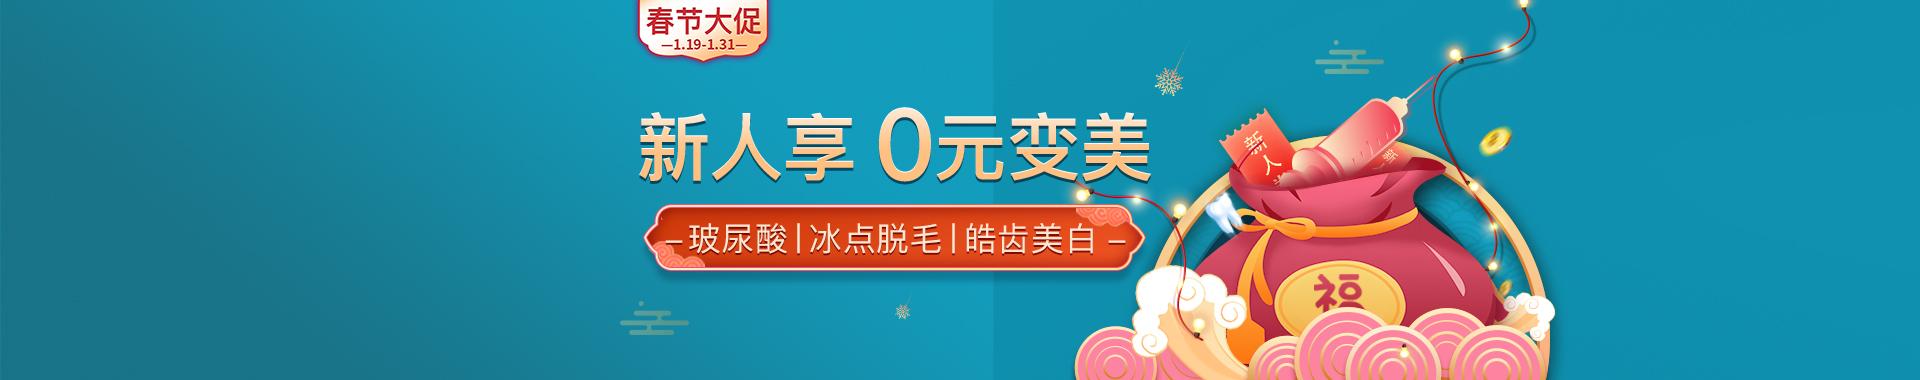 春节大促-霸王餐pc banner